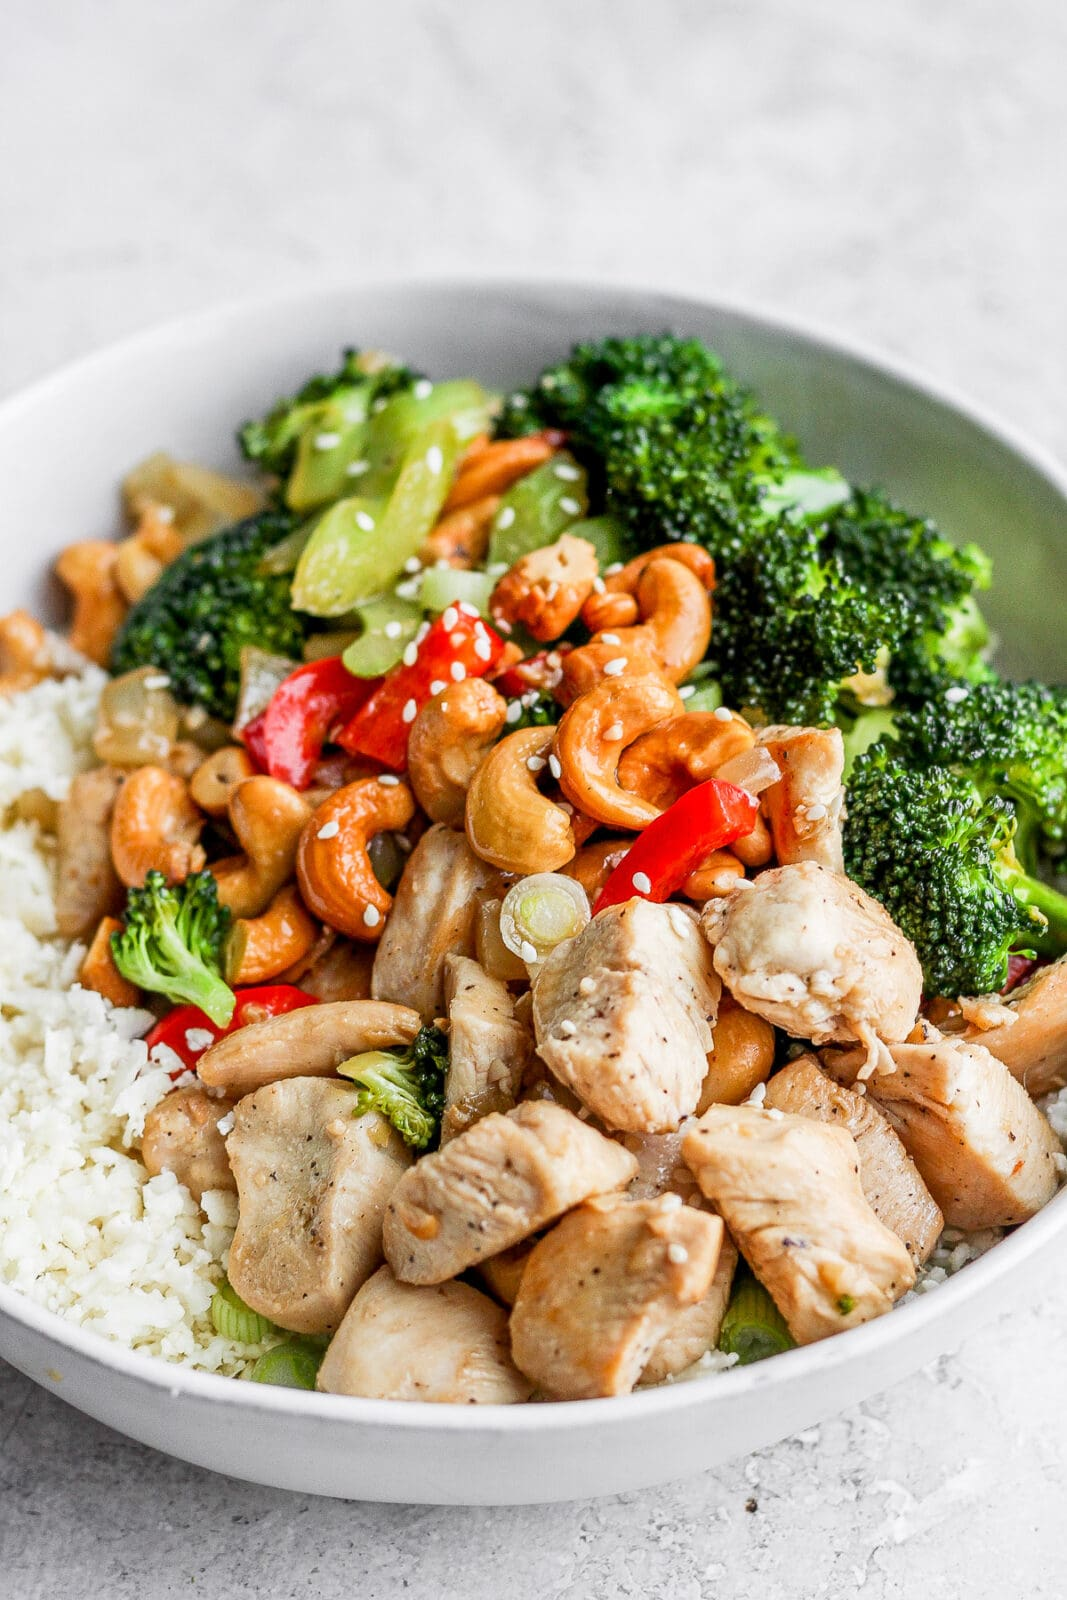 Close-up view of cashew chicken stir fry on cauliflower rice.